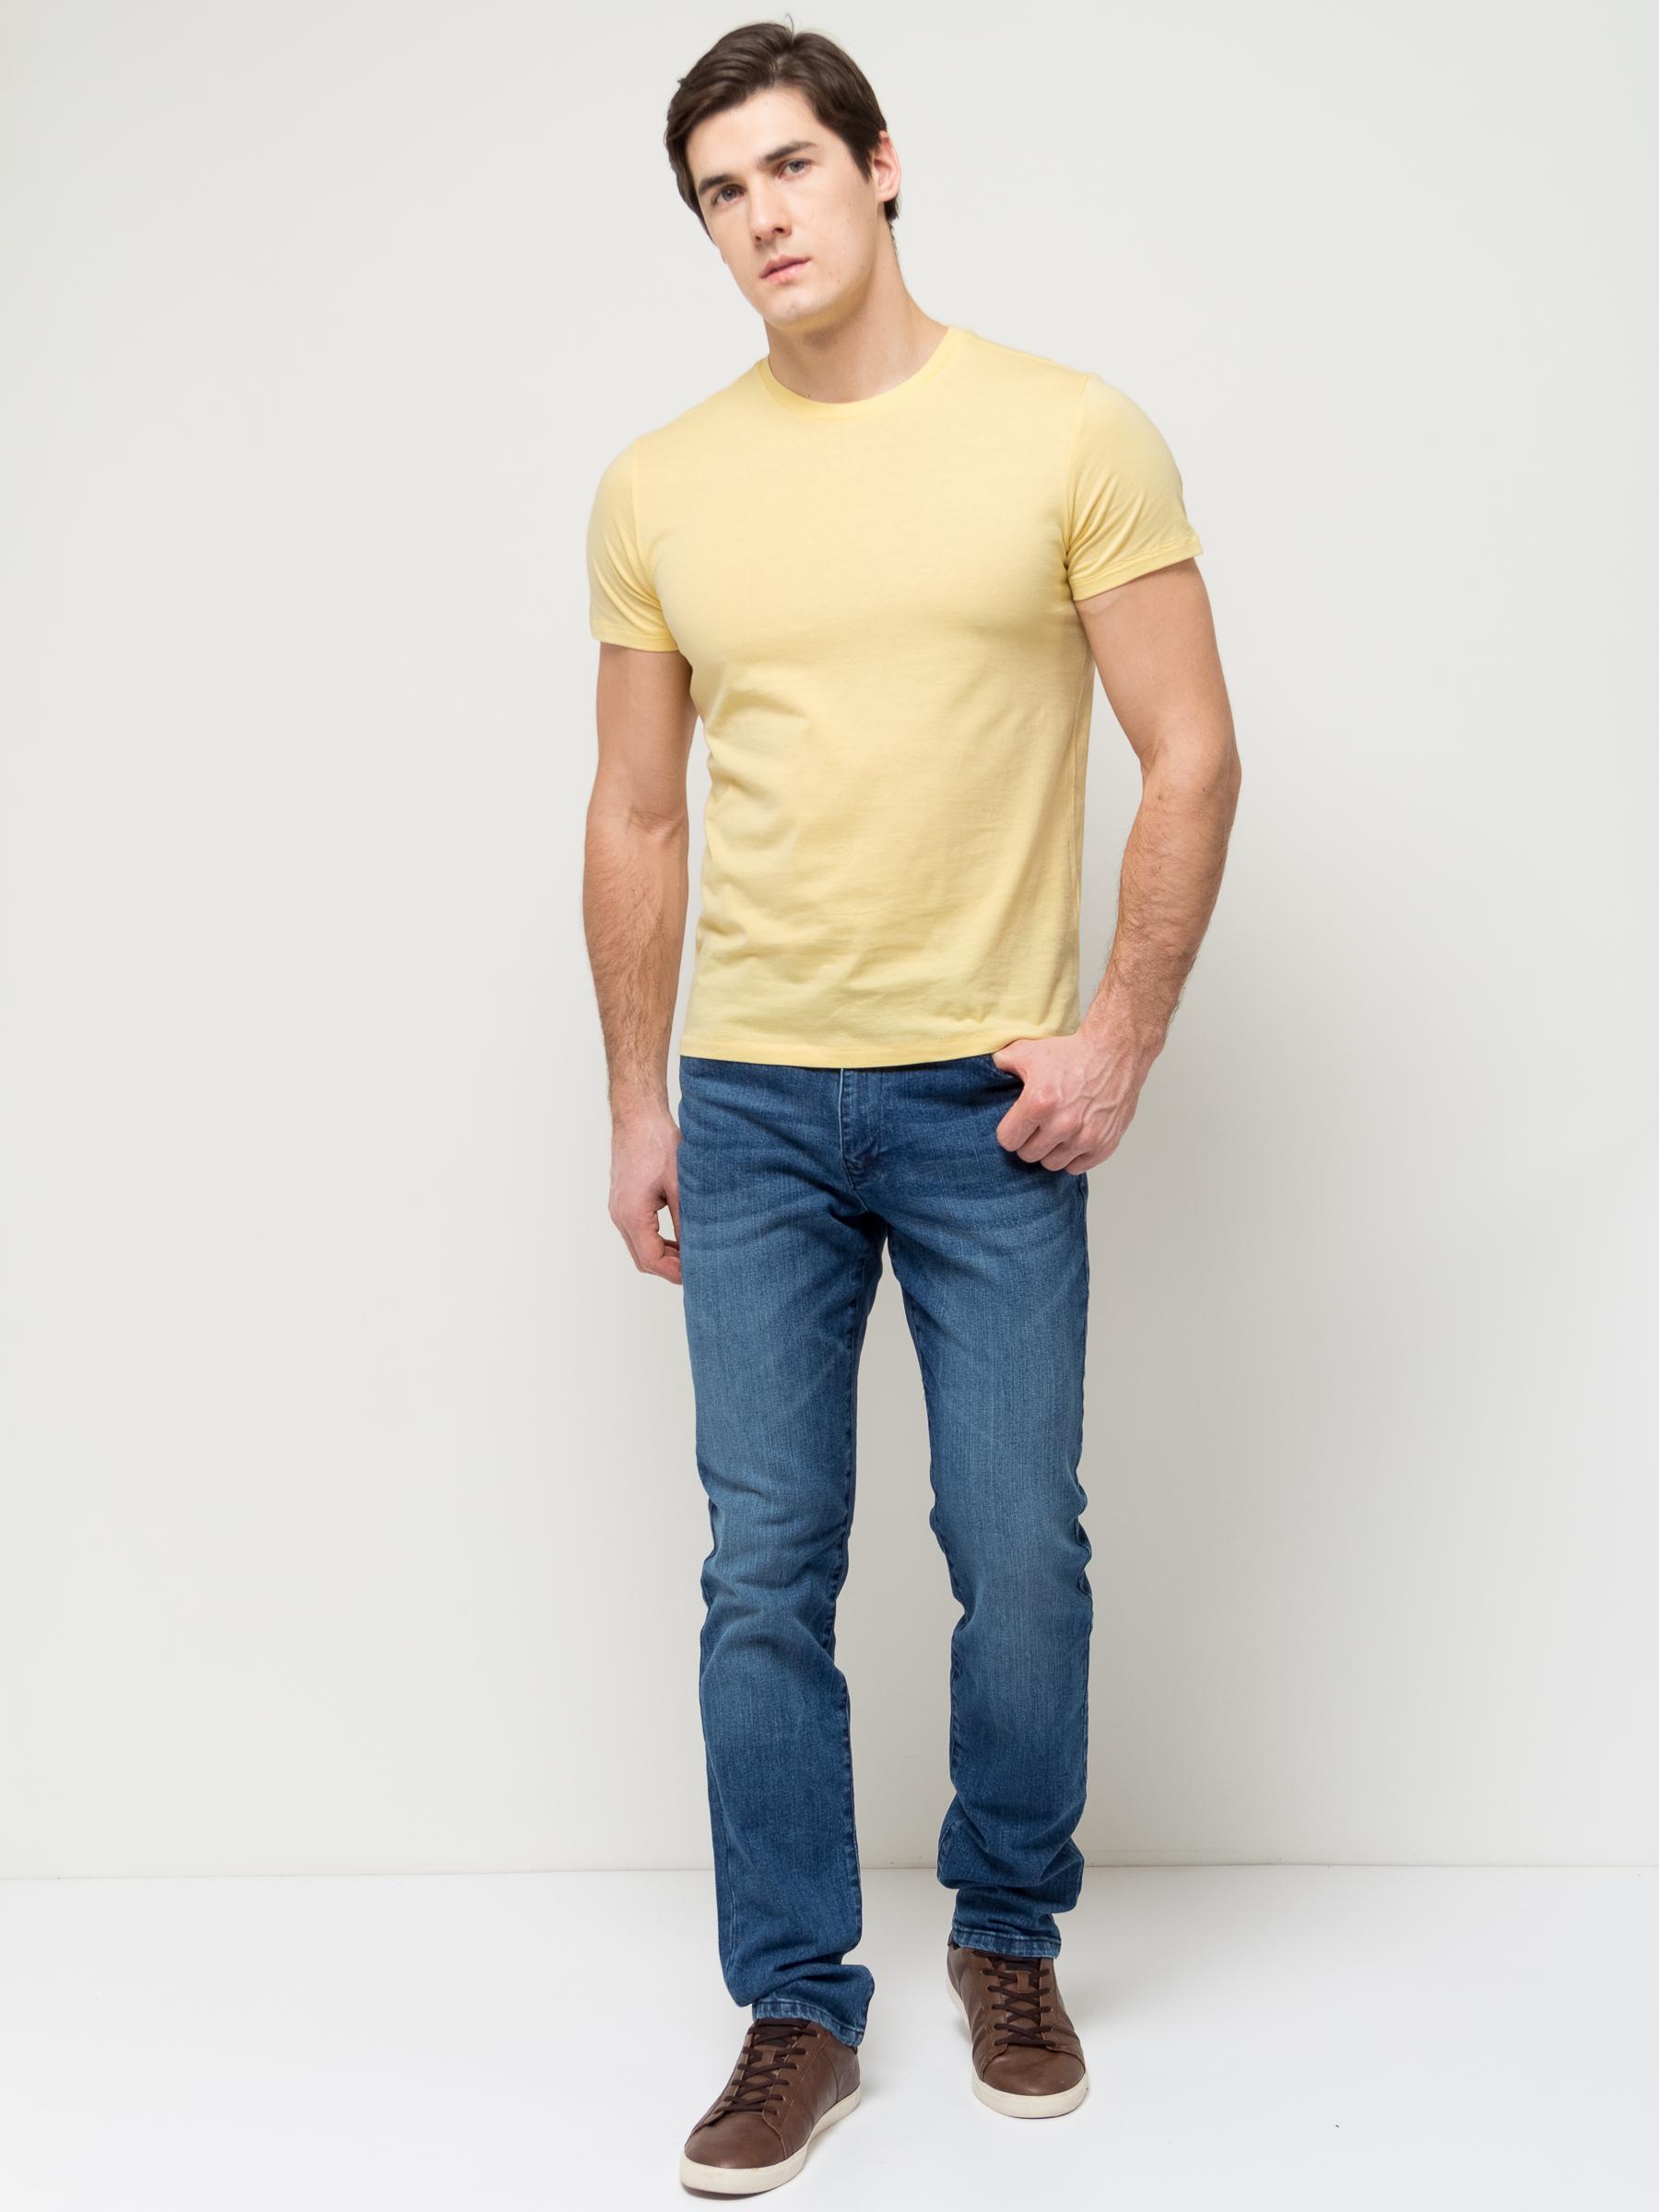 ДжинсыPJ-235/1073-7152Стильные мужские джинсы Sela, изготовленные из качественного эластичного хлопка с потертостями, станут отличным дополнением гардероба. Джинсы зауженного кроя и стандартной посадки на талии застегиваются на застежку-молнию и пуговицу. На поясе имеются шлевки для ремня. Модель представляет собой классическую пятикарманку: два втачных и накладной карманы спереди и два накладных кармана сзади.